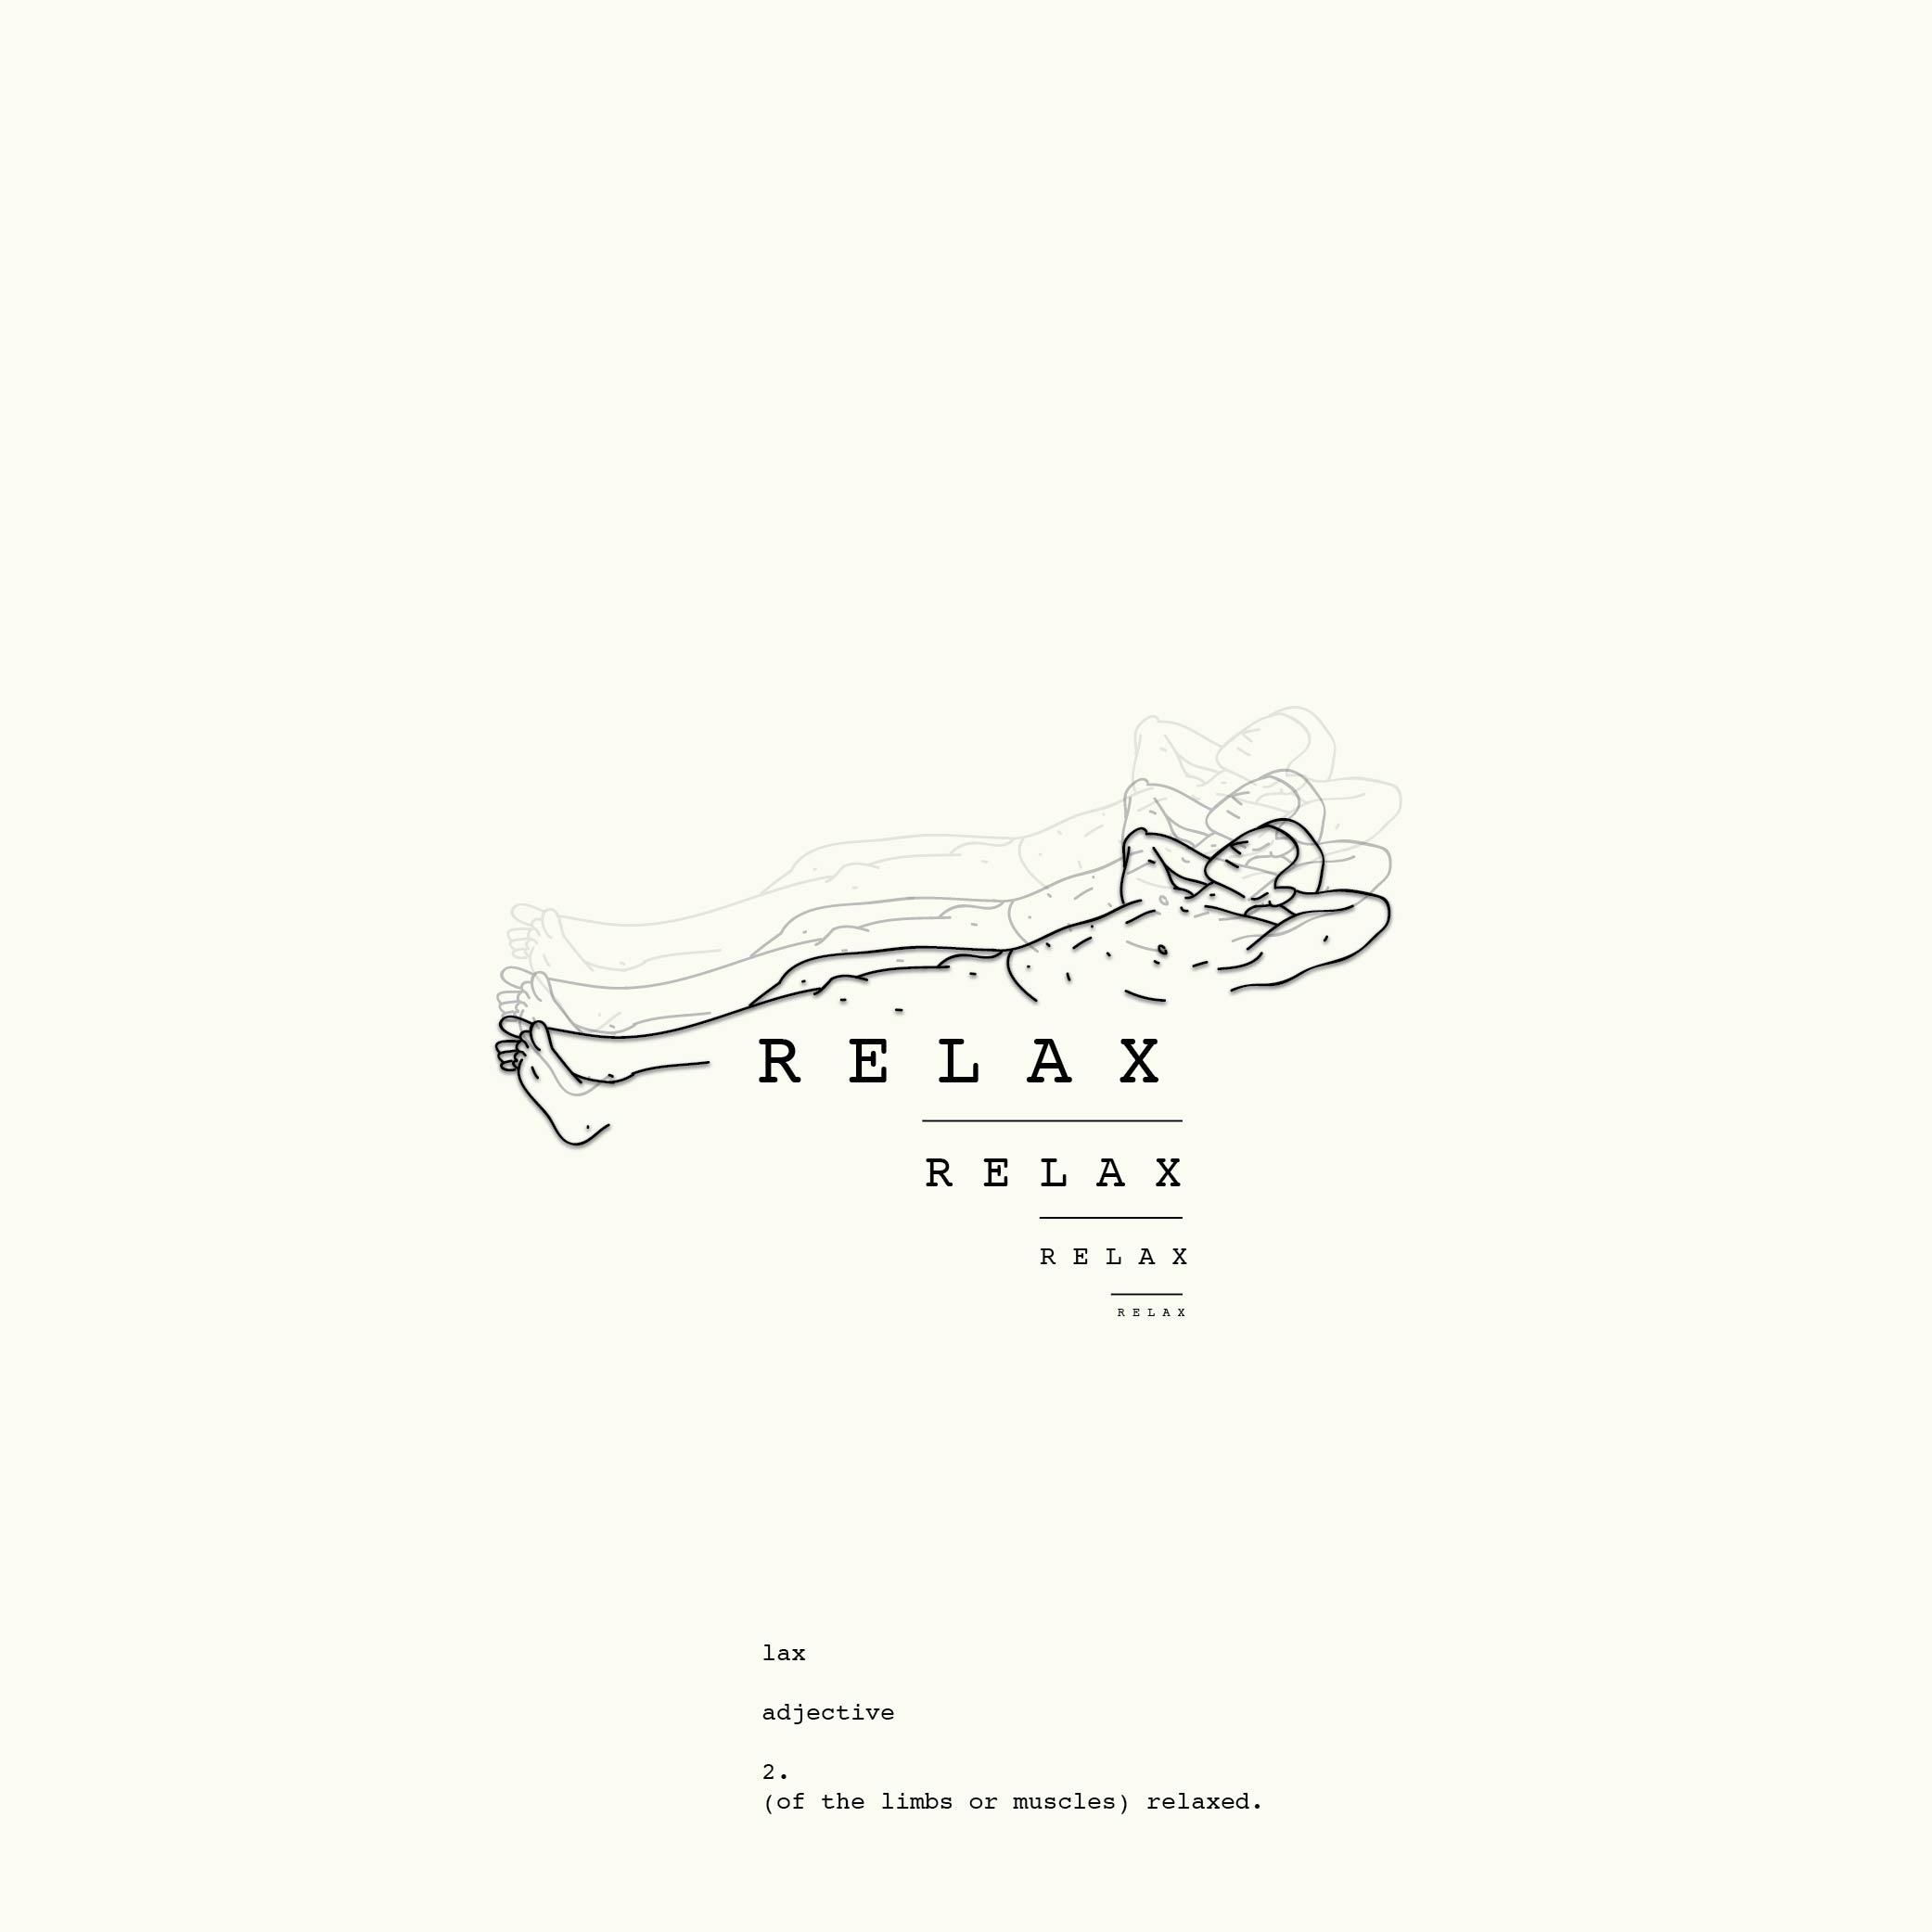 Relax-01.jpg